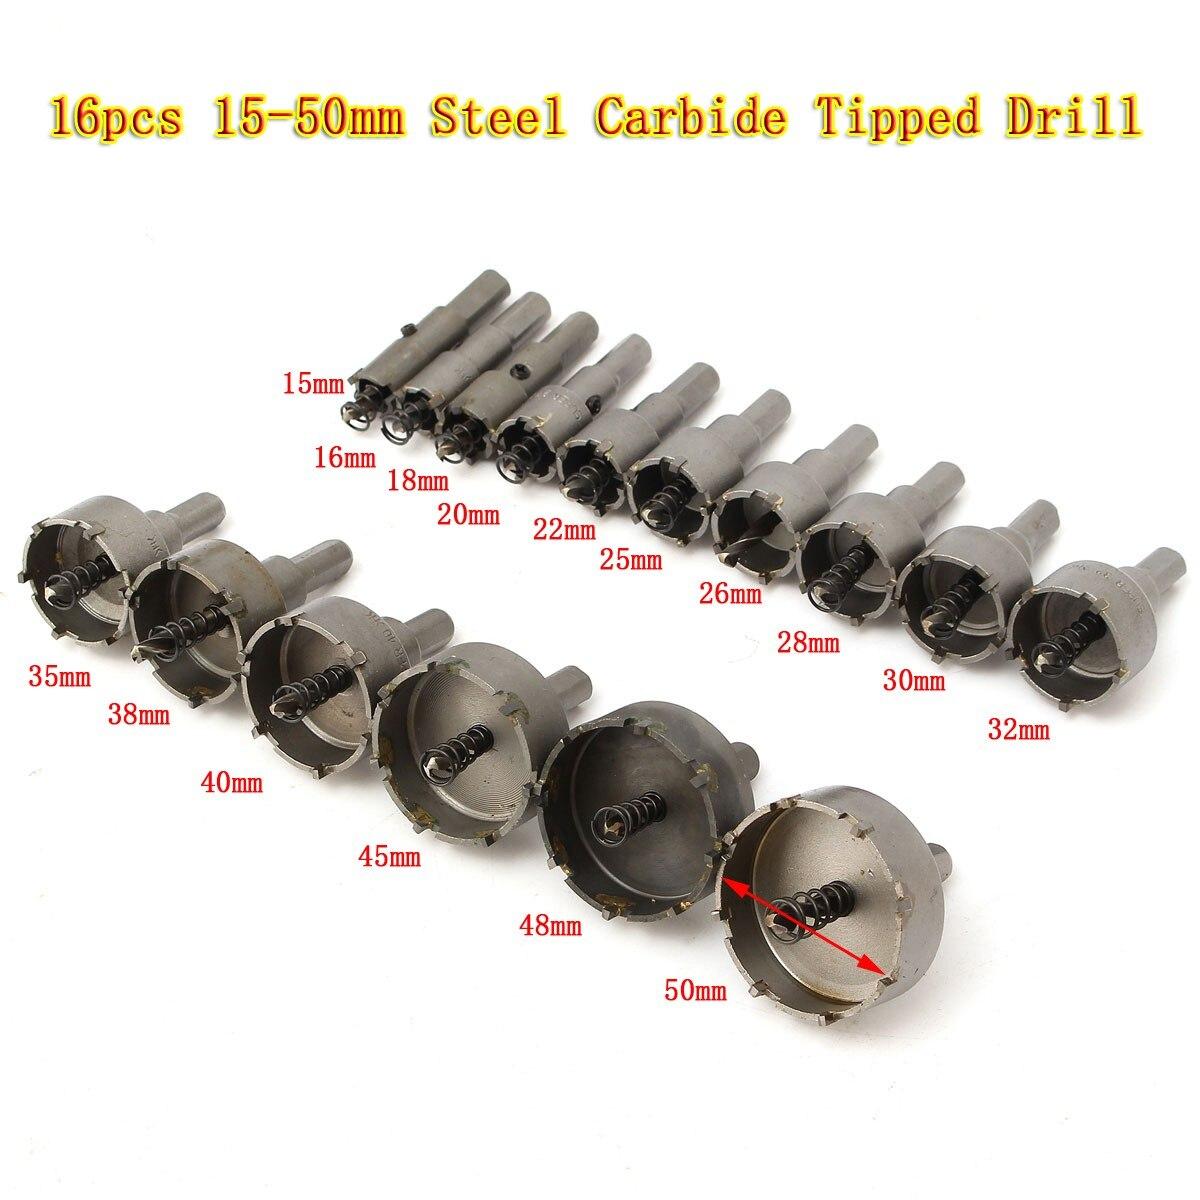 16 pièces foret trou scie 15-50mm carbure pointe TCT pour acier inoxydable métal alliage acier carbure trou scie ensemble foret